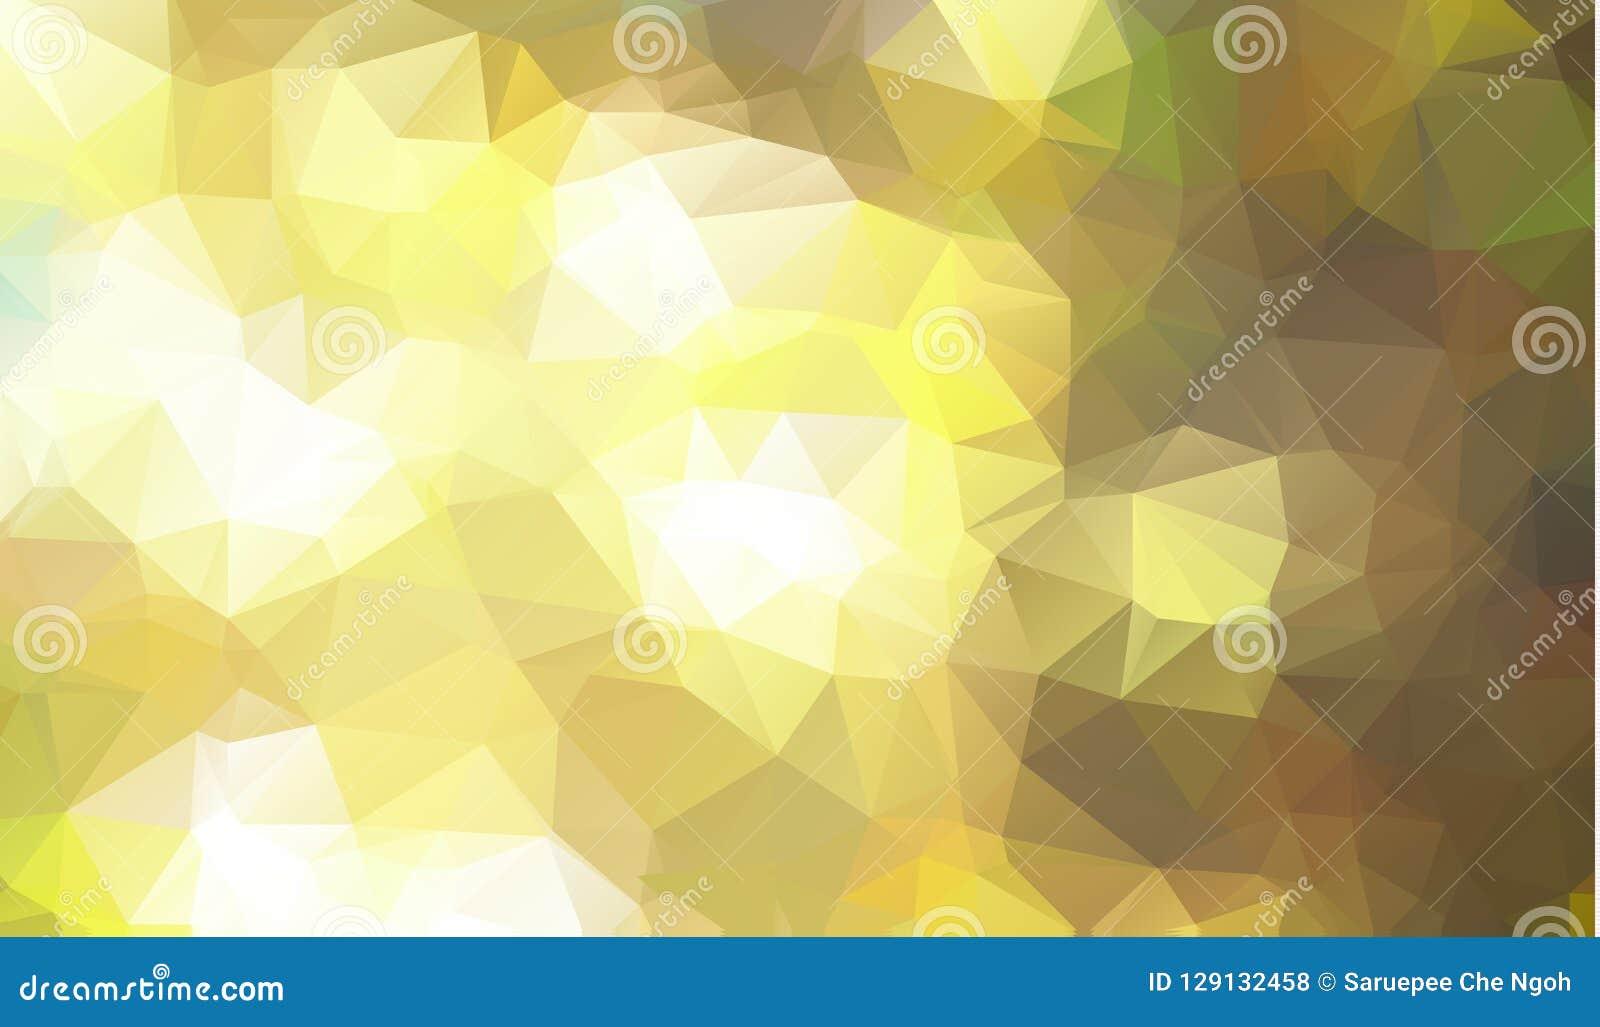 Baixo fundo poli abstrato dos triângulos em cores verdes Fundo poligonal abstrato do mosaico da luz branca, ilustração do vetor,